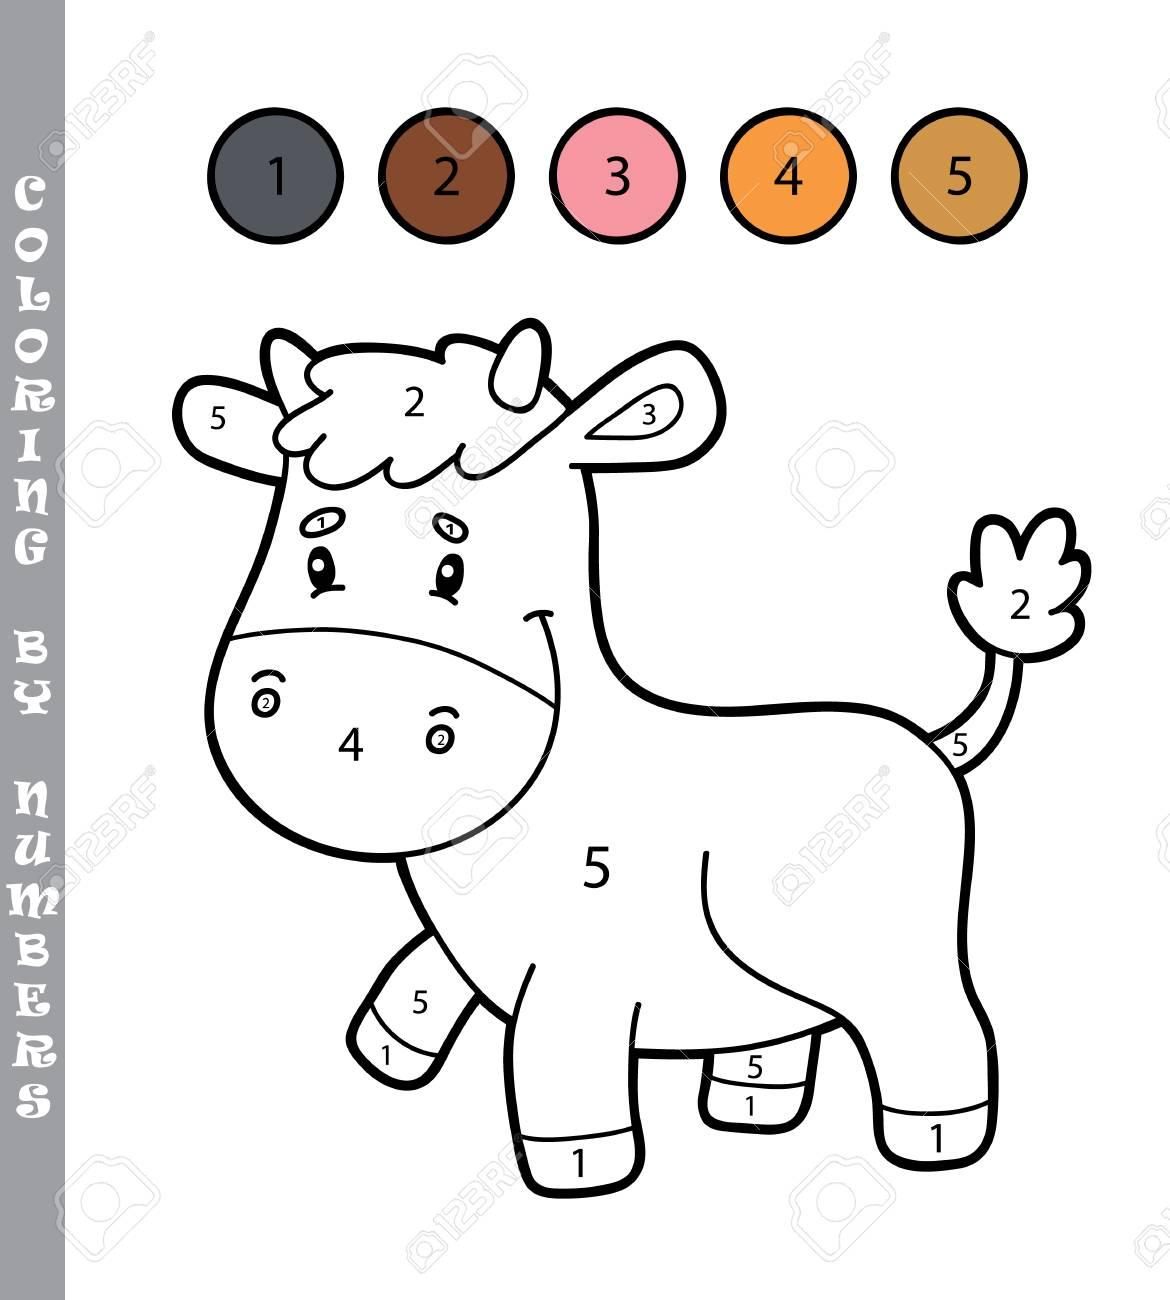 Colorear Por Números Juego Educativo Con Personaje De Vaca